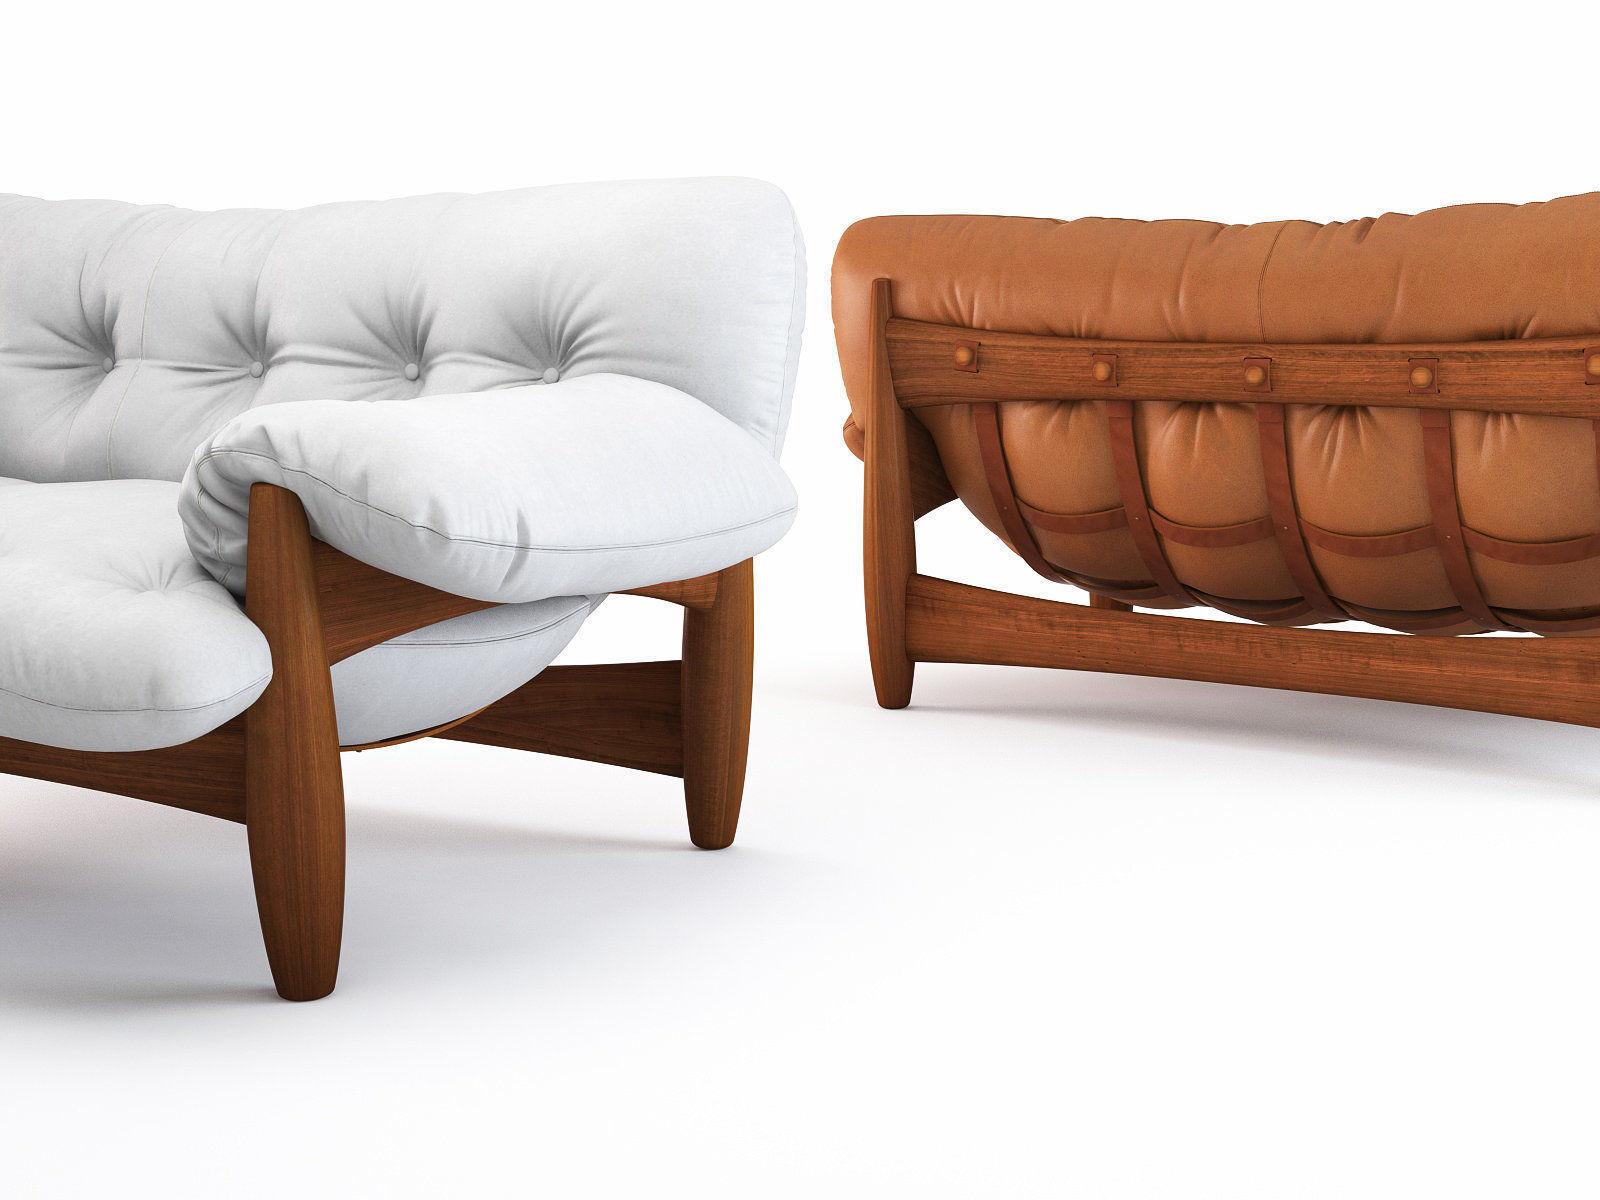 3d Mole Sofa 2 Seat